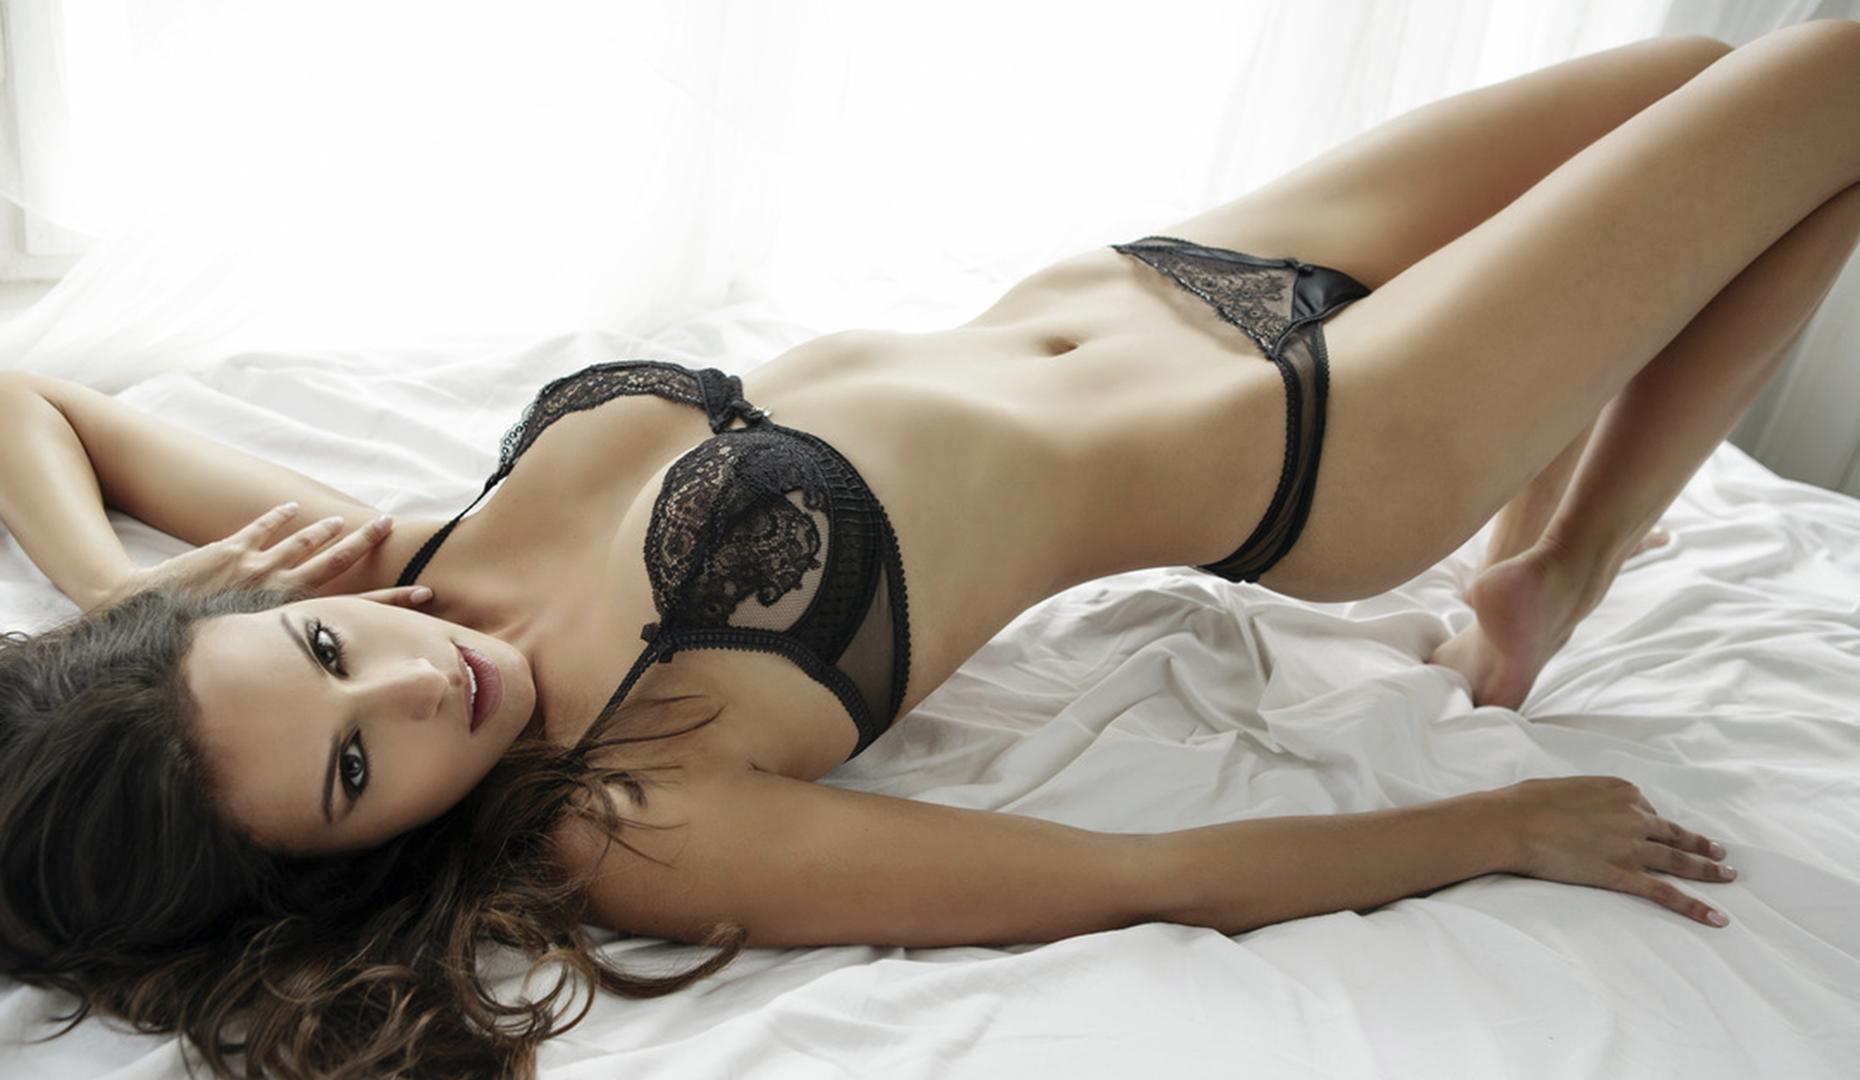 Бразильская модель Carol Prates позирует в нижнем белье